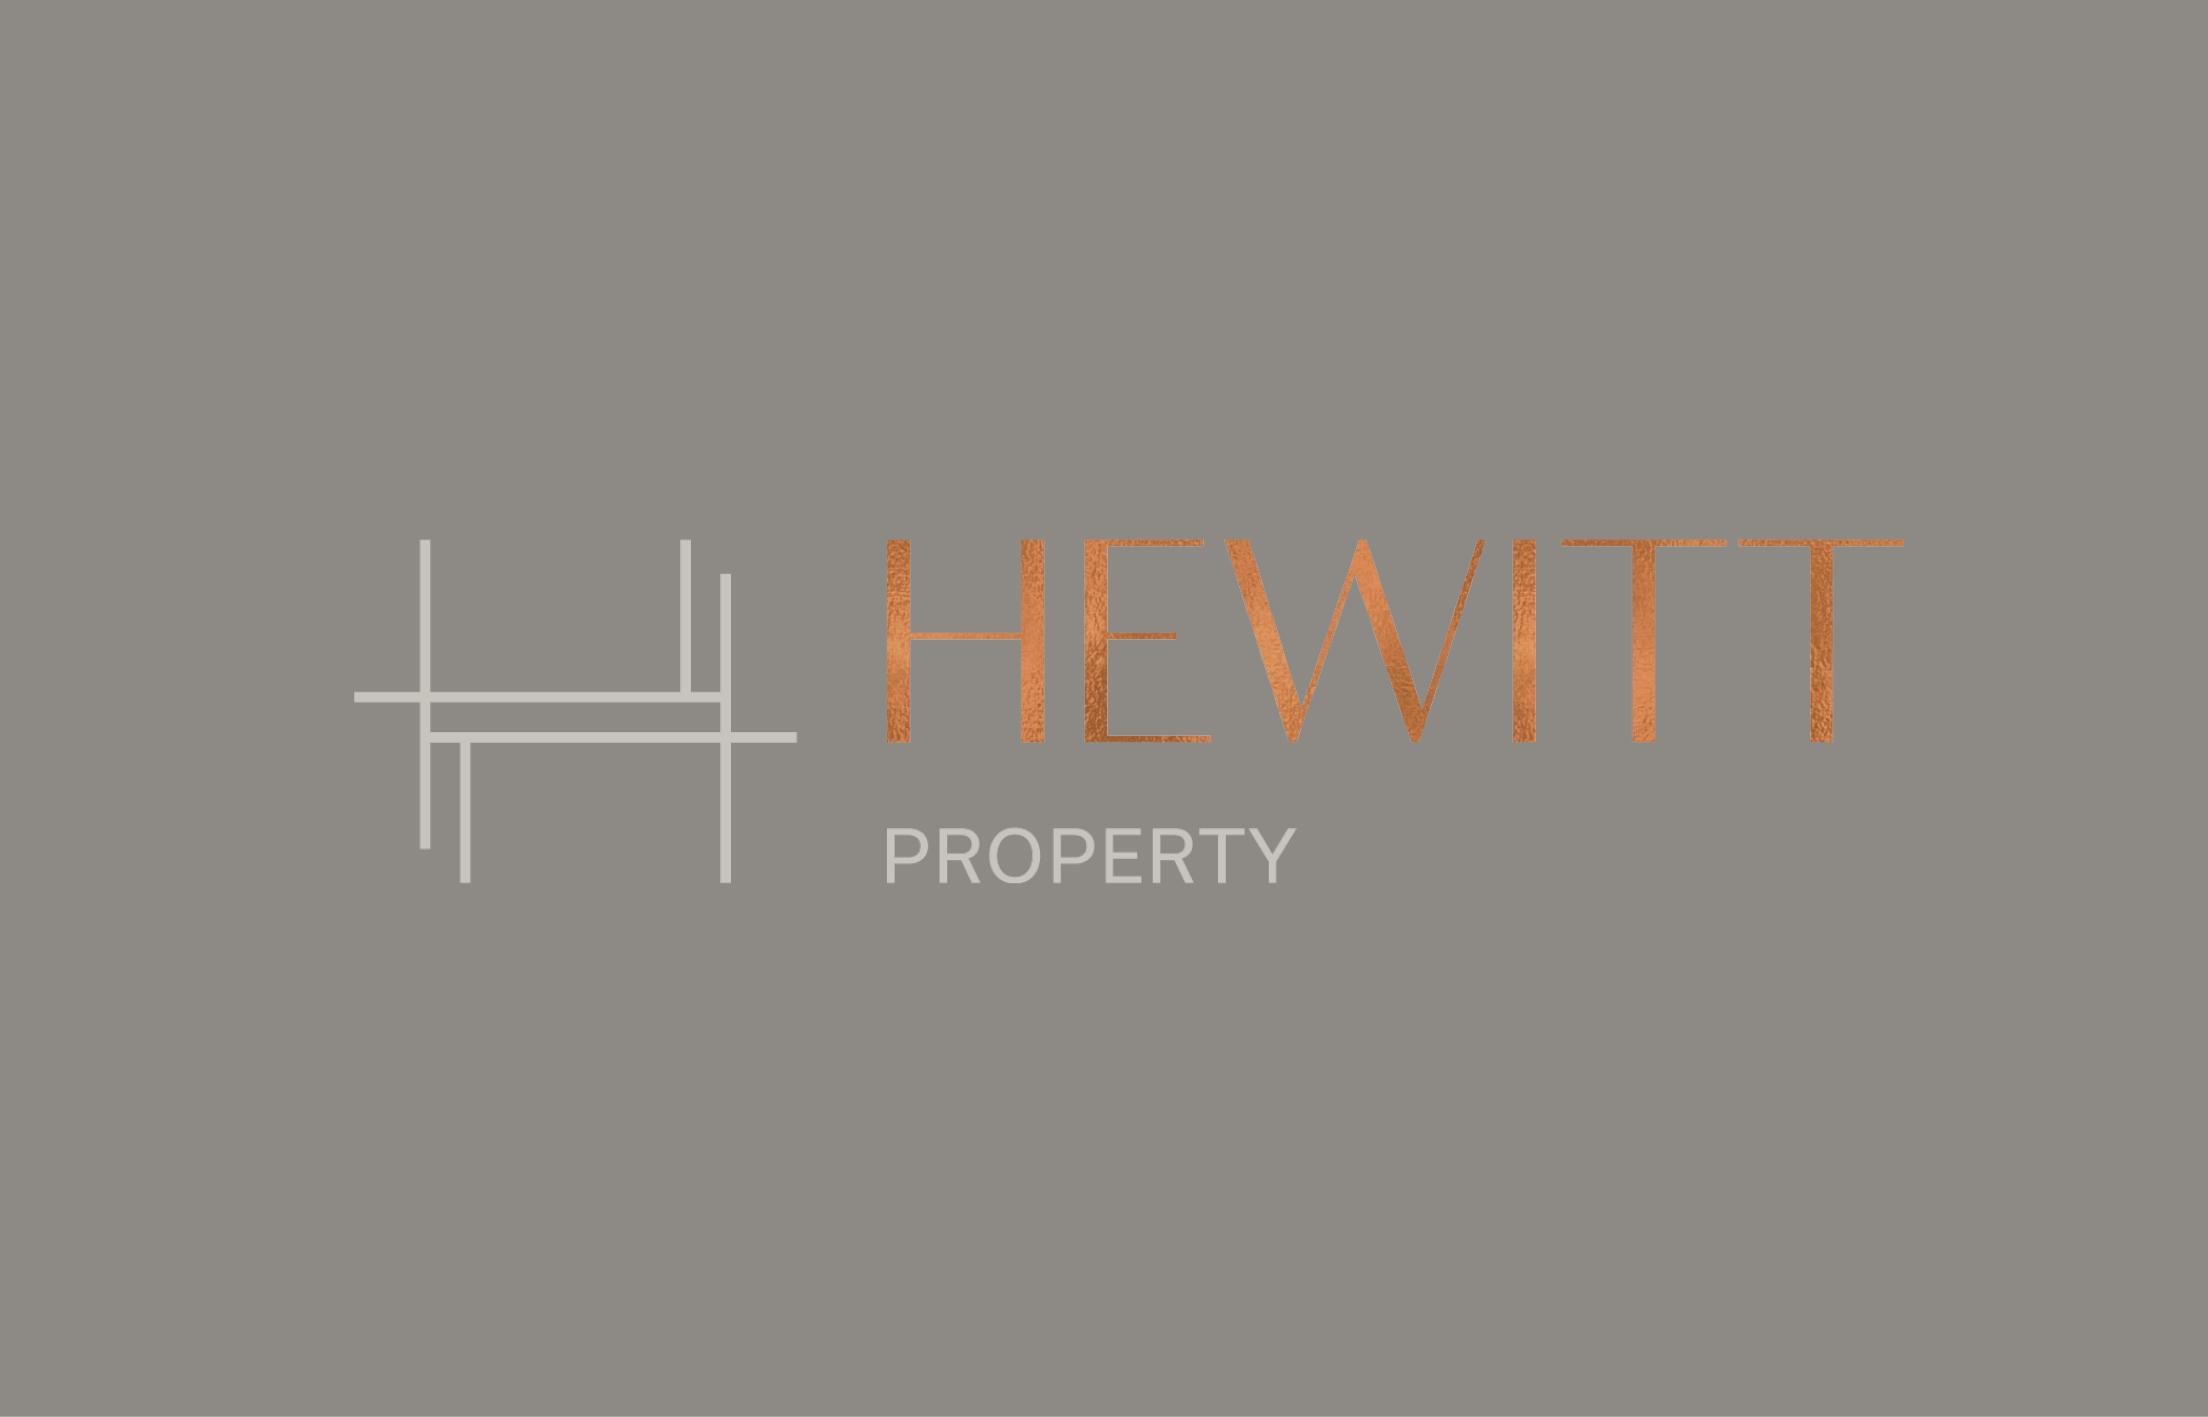 TCA_Website_Hewitt_Content-2